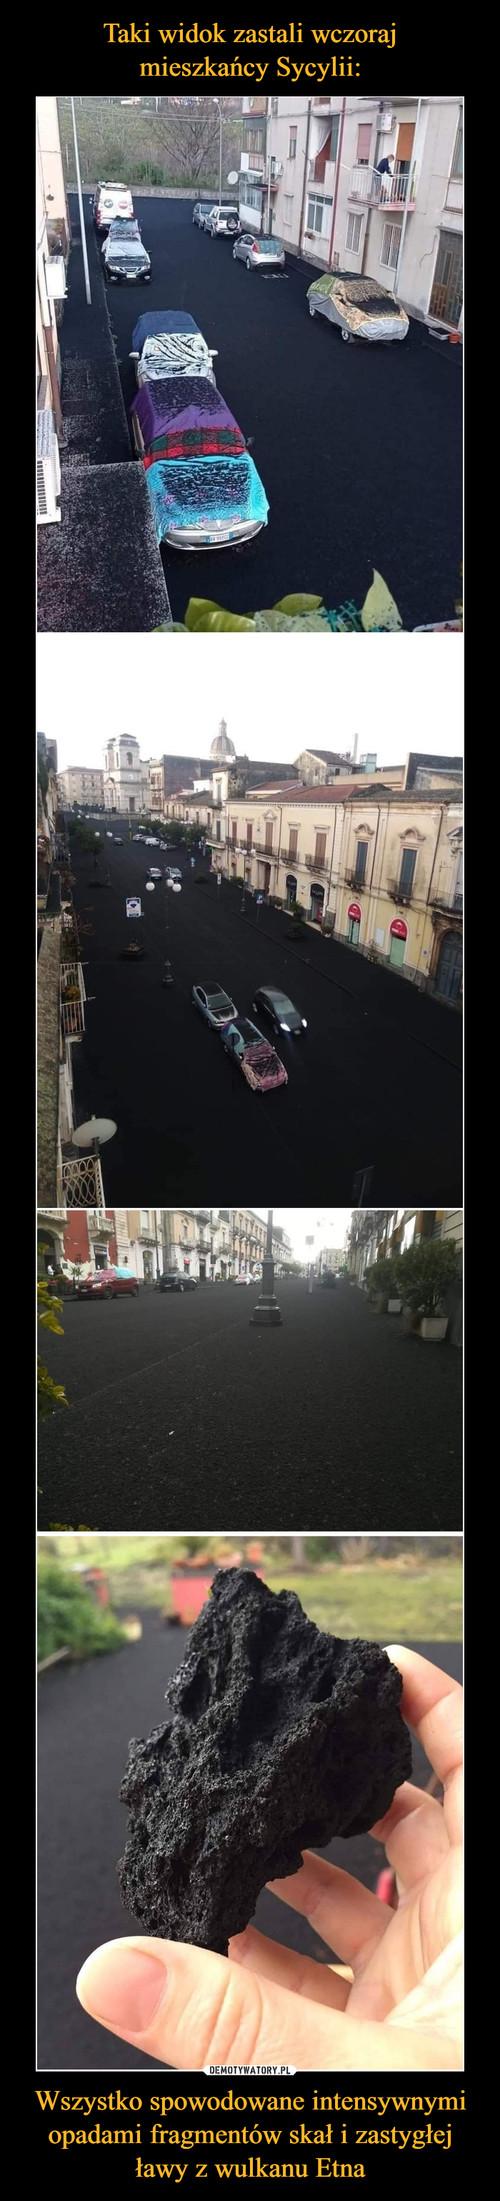 Taki widok zastali wczoraj mieszkańcy Sycylii: Wszystko spowodowane intensywnymi opadami fragmentów skał i zastygłej ławy z wulkanu Etna